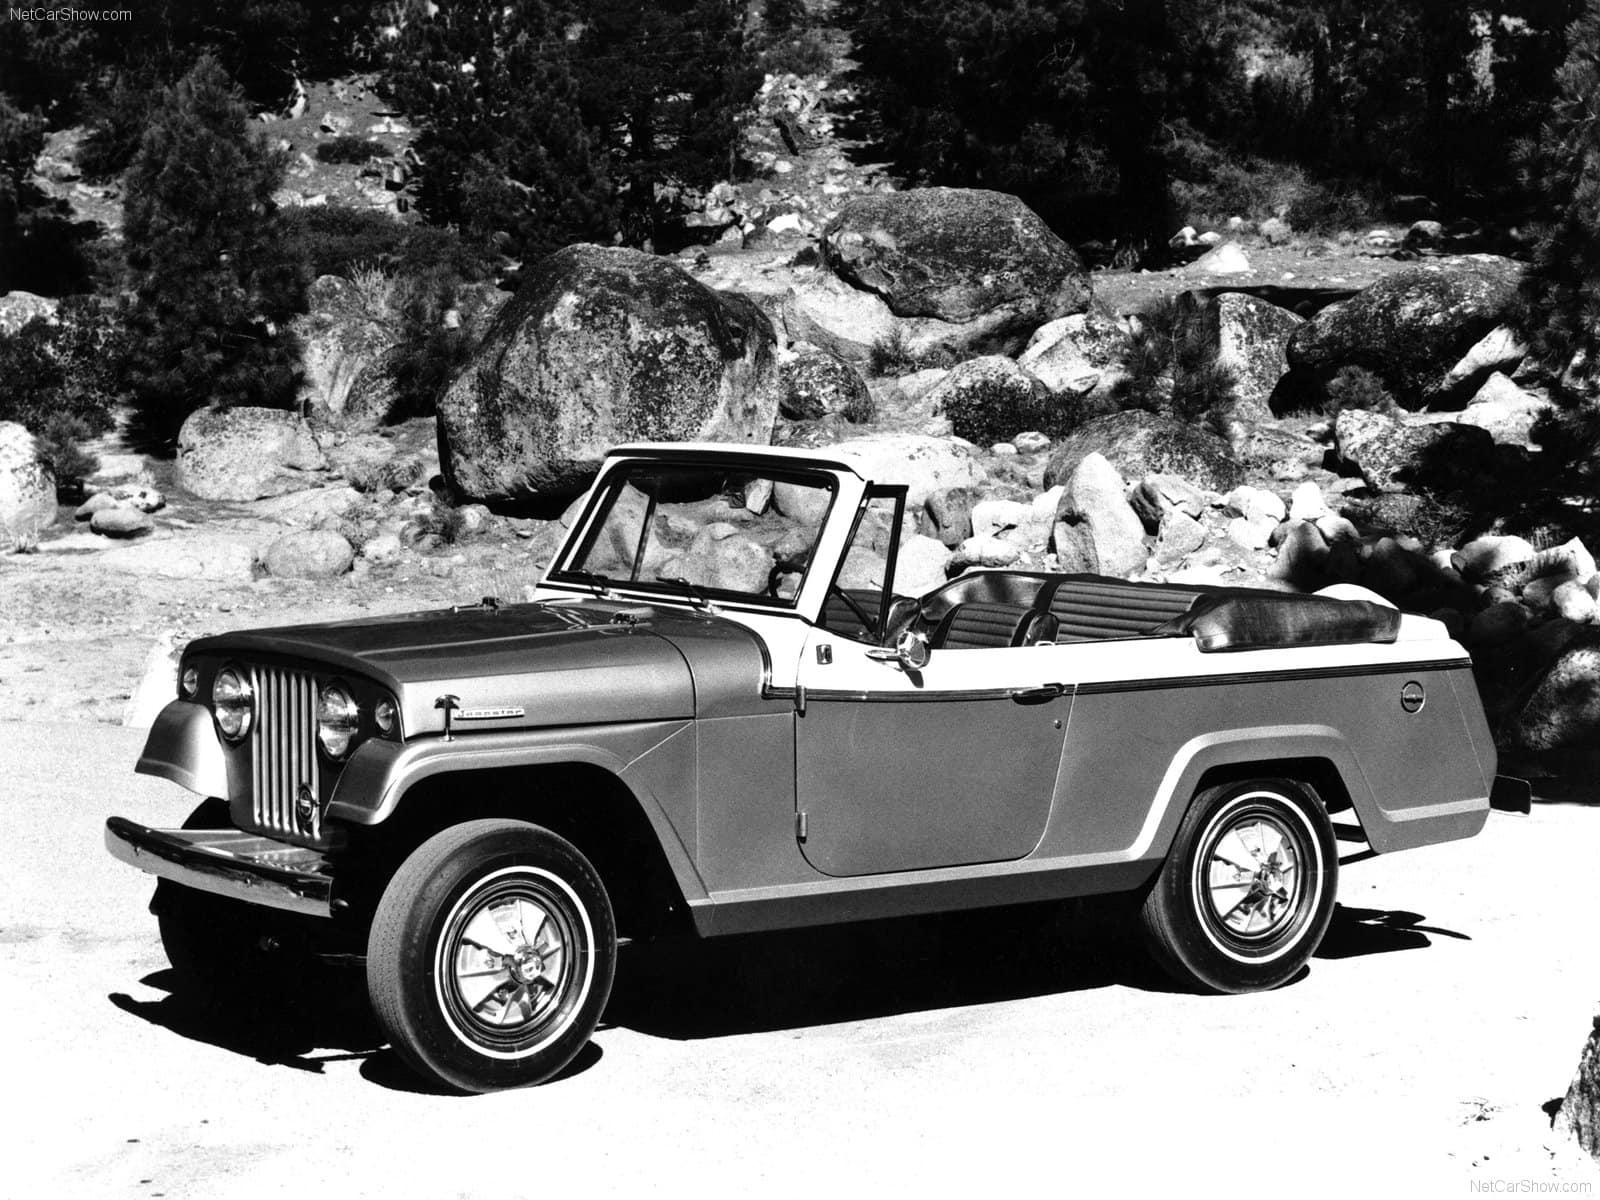 Jeep Willys Jeepster Station Wagon Et Pick Up Des Vritables 1950 Trs Prise Par Les Collectionneurs Amricains La Jouit Dune Cote Flatteuse Outre Atlantique Arriv Trop Tt Ce Modle Prcurseur Possdait Sur